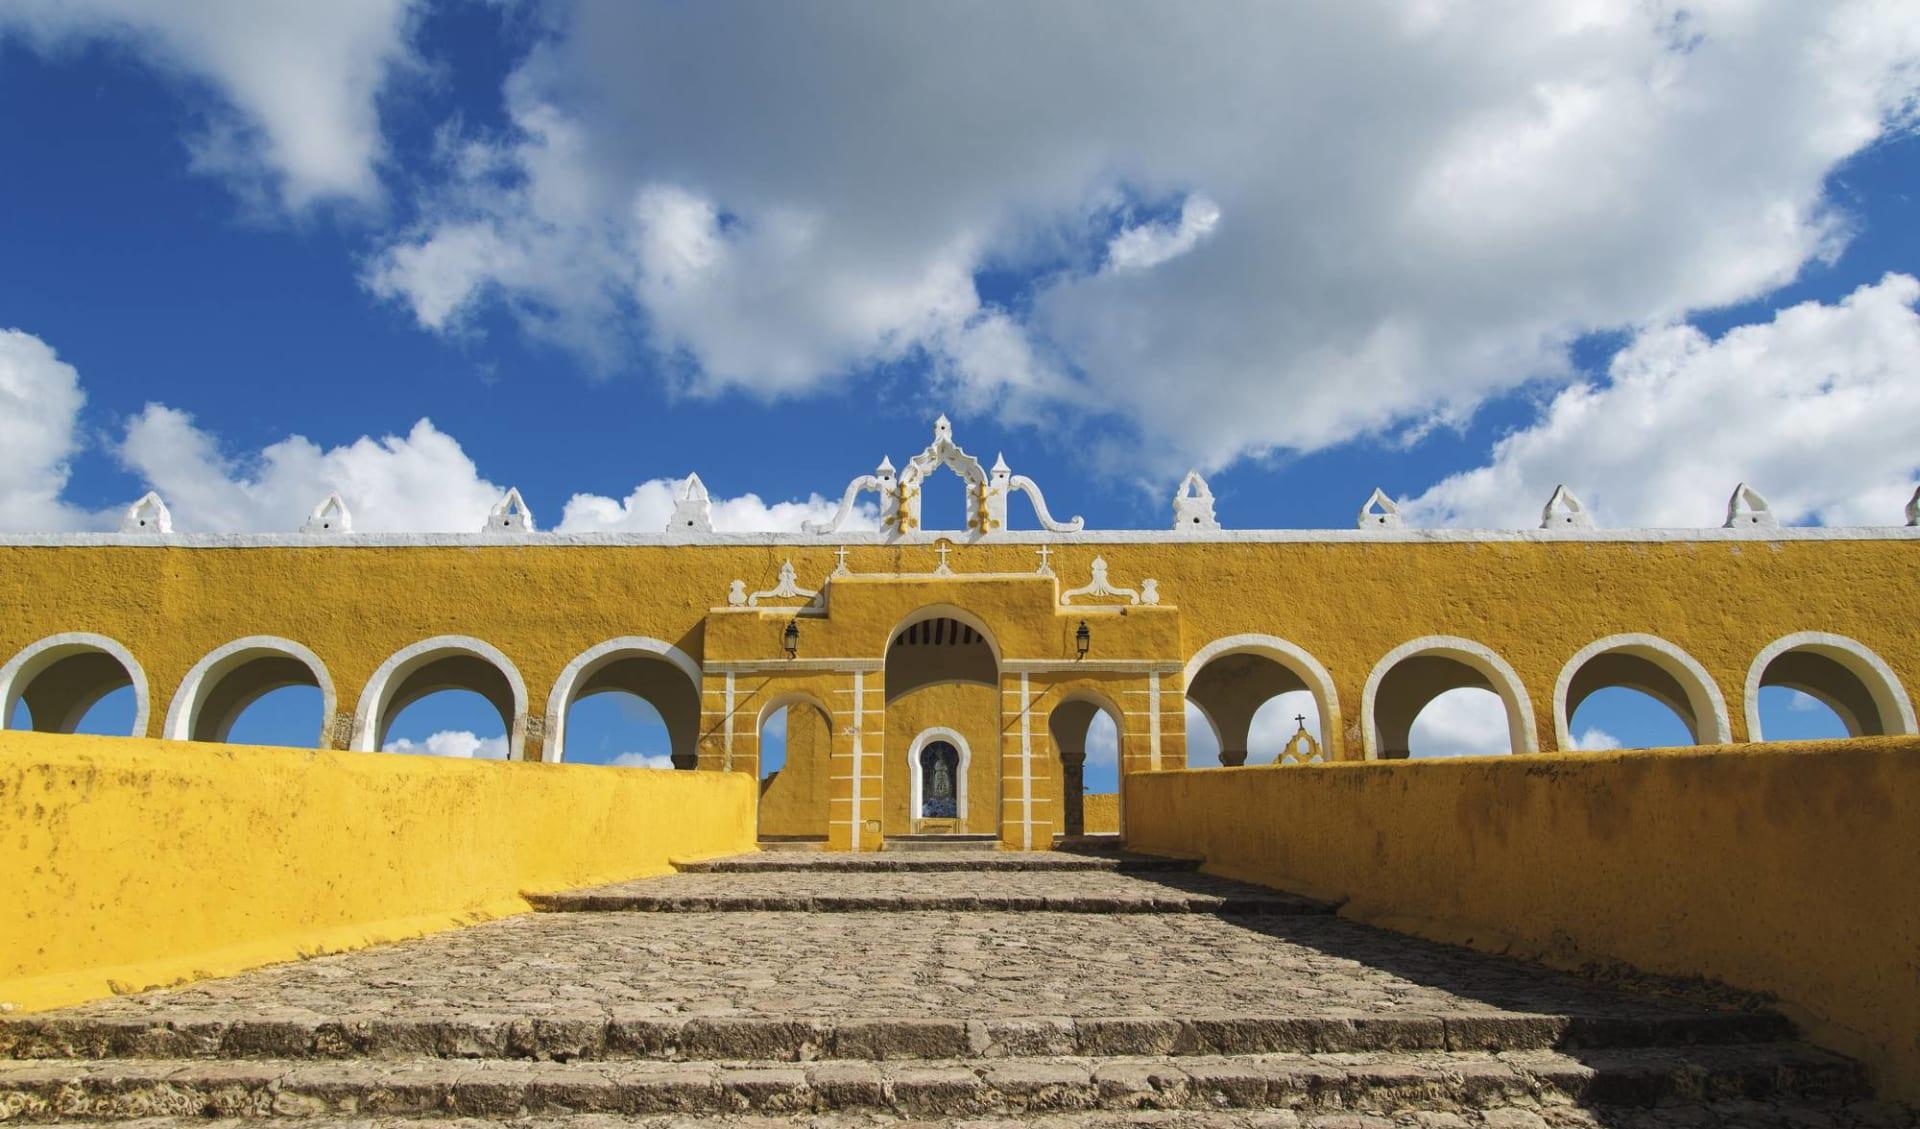 Premium: Dreams Yucatán ab Cancun: Mexiko - Yucatan - Izamal, Kirche